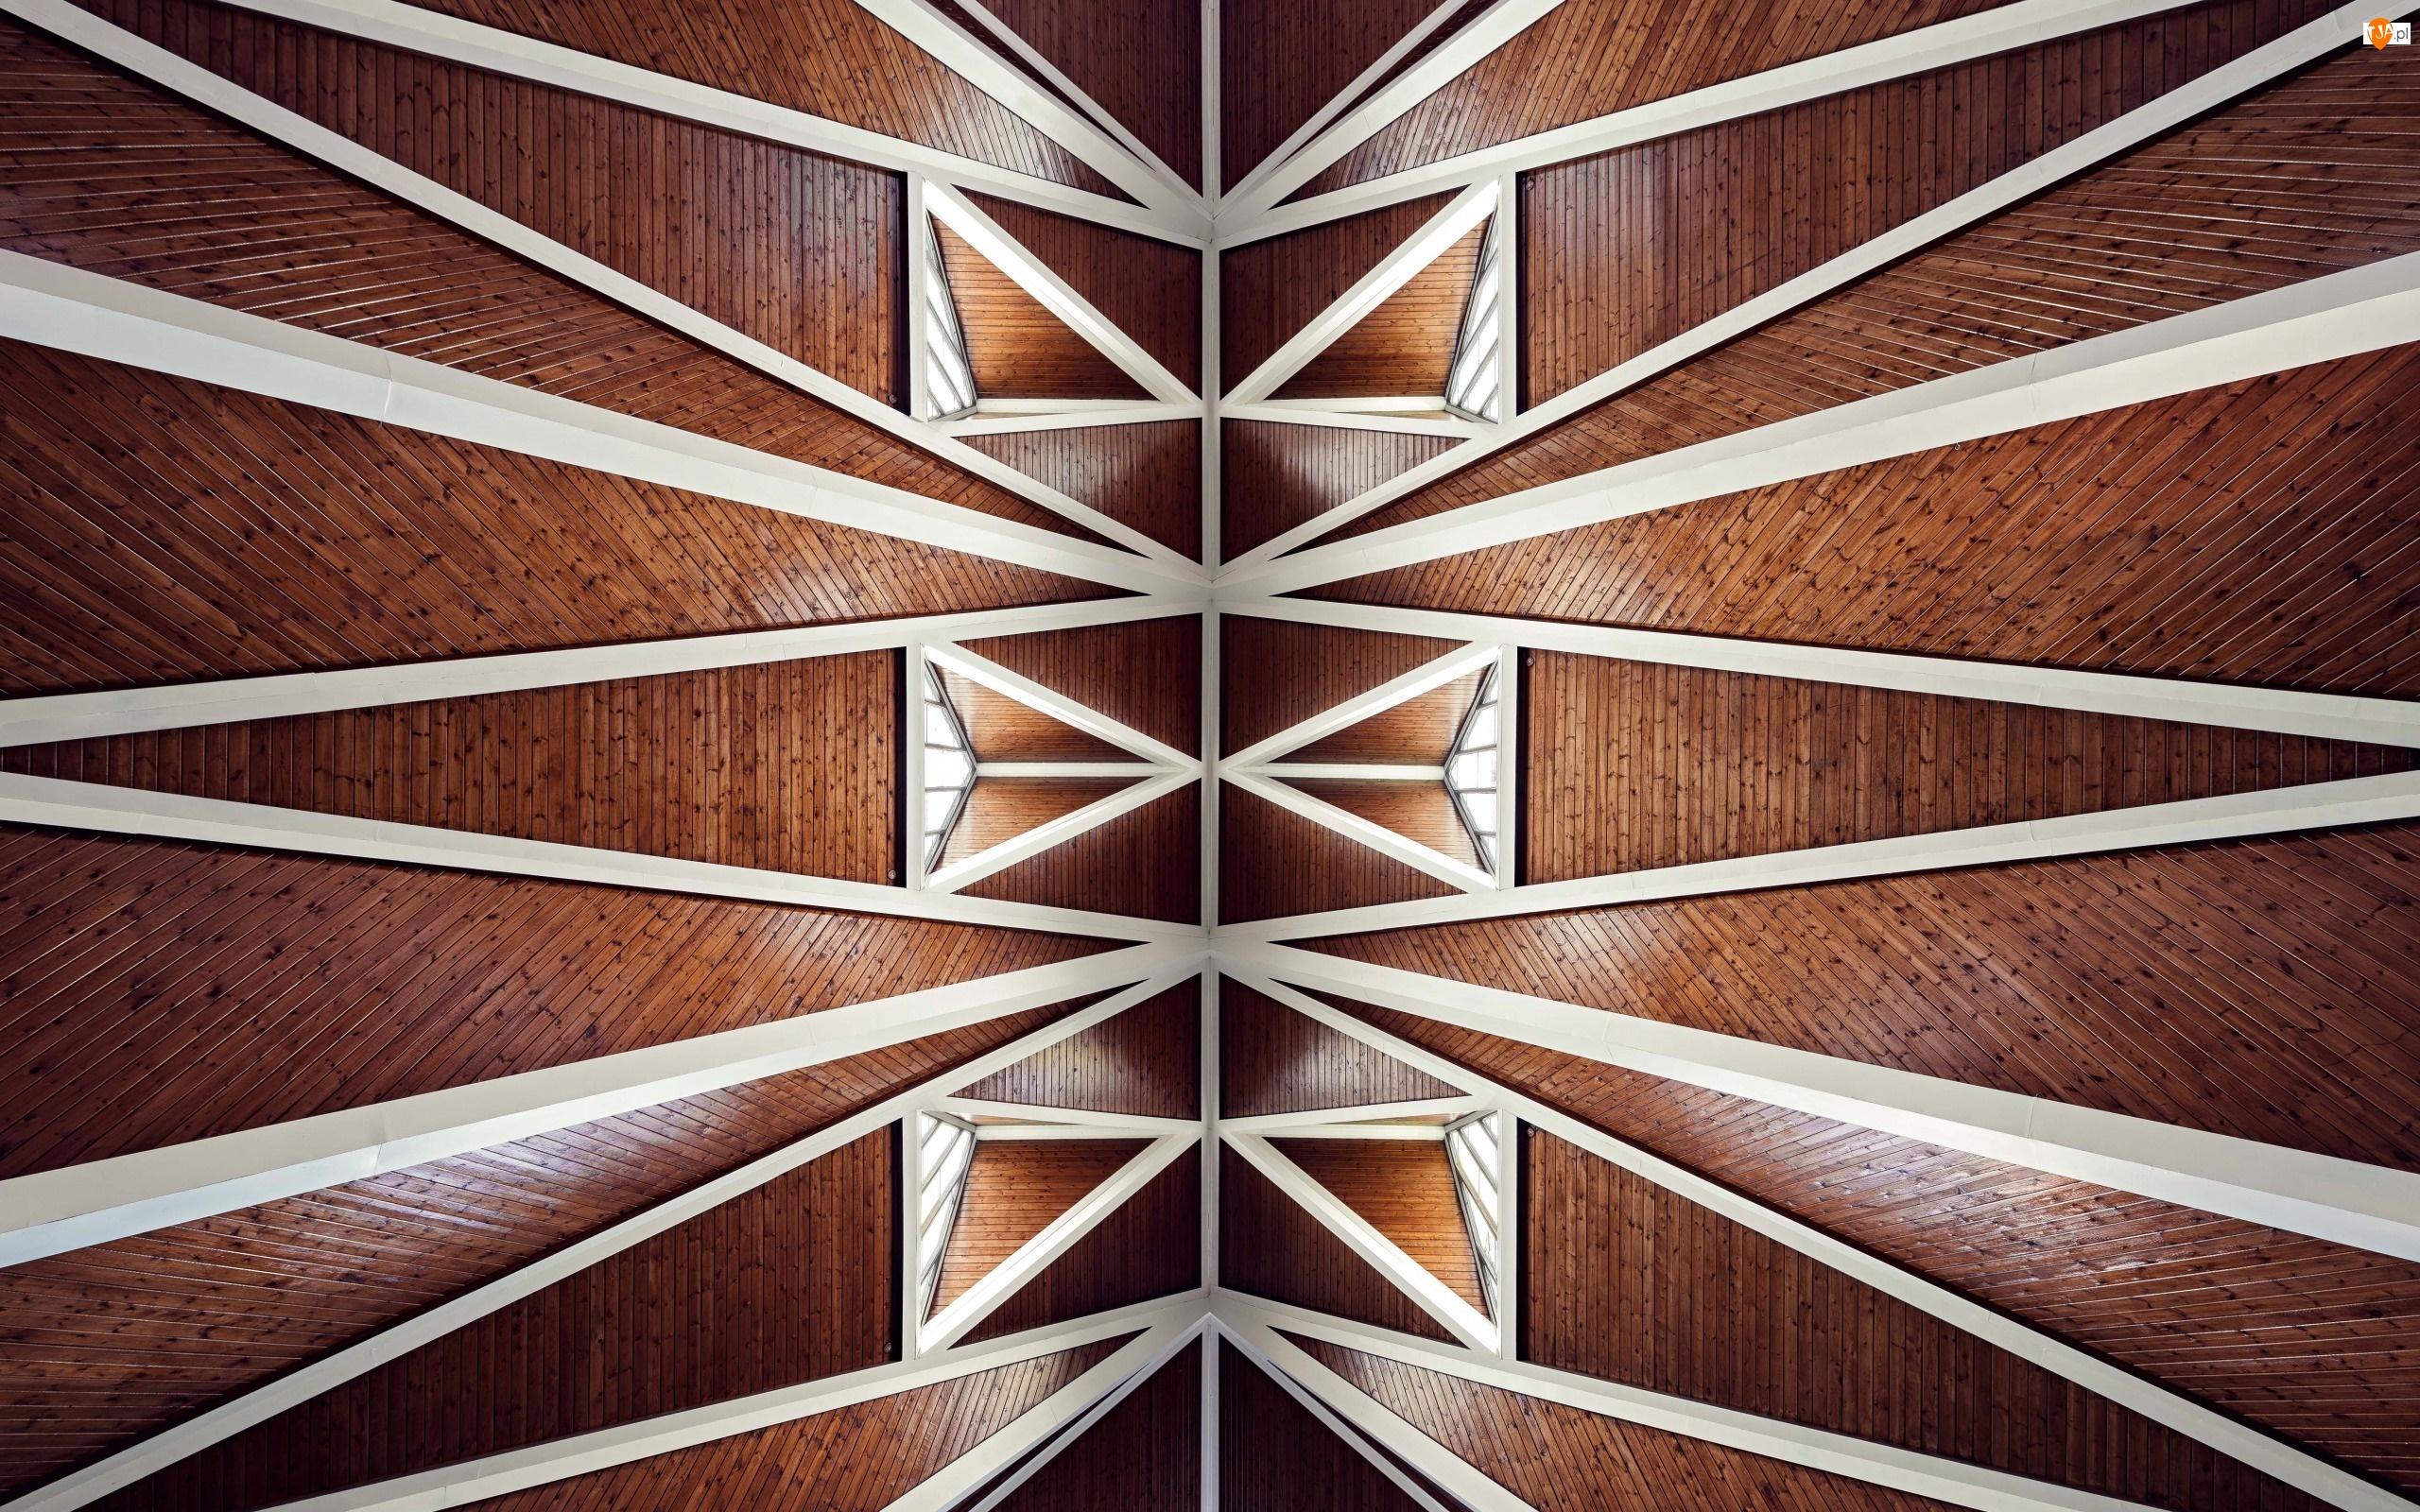 Architektura, Anglia, Kościół św. Pawła, Londyn, Sklepienie